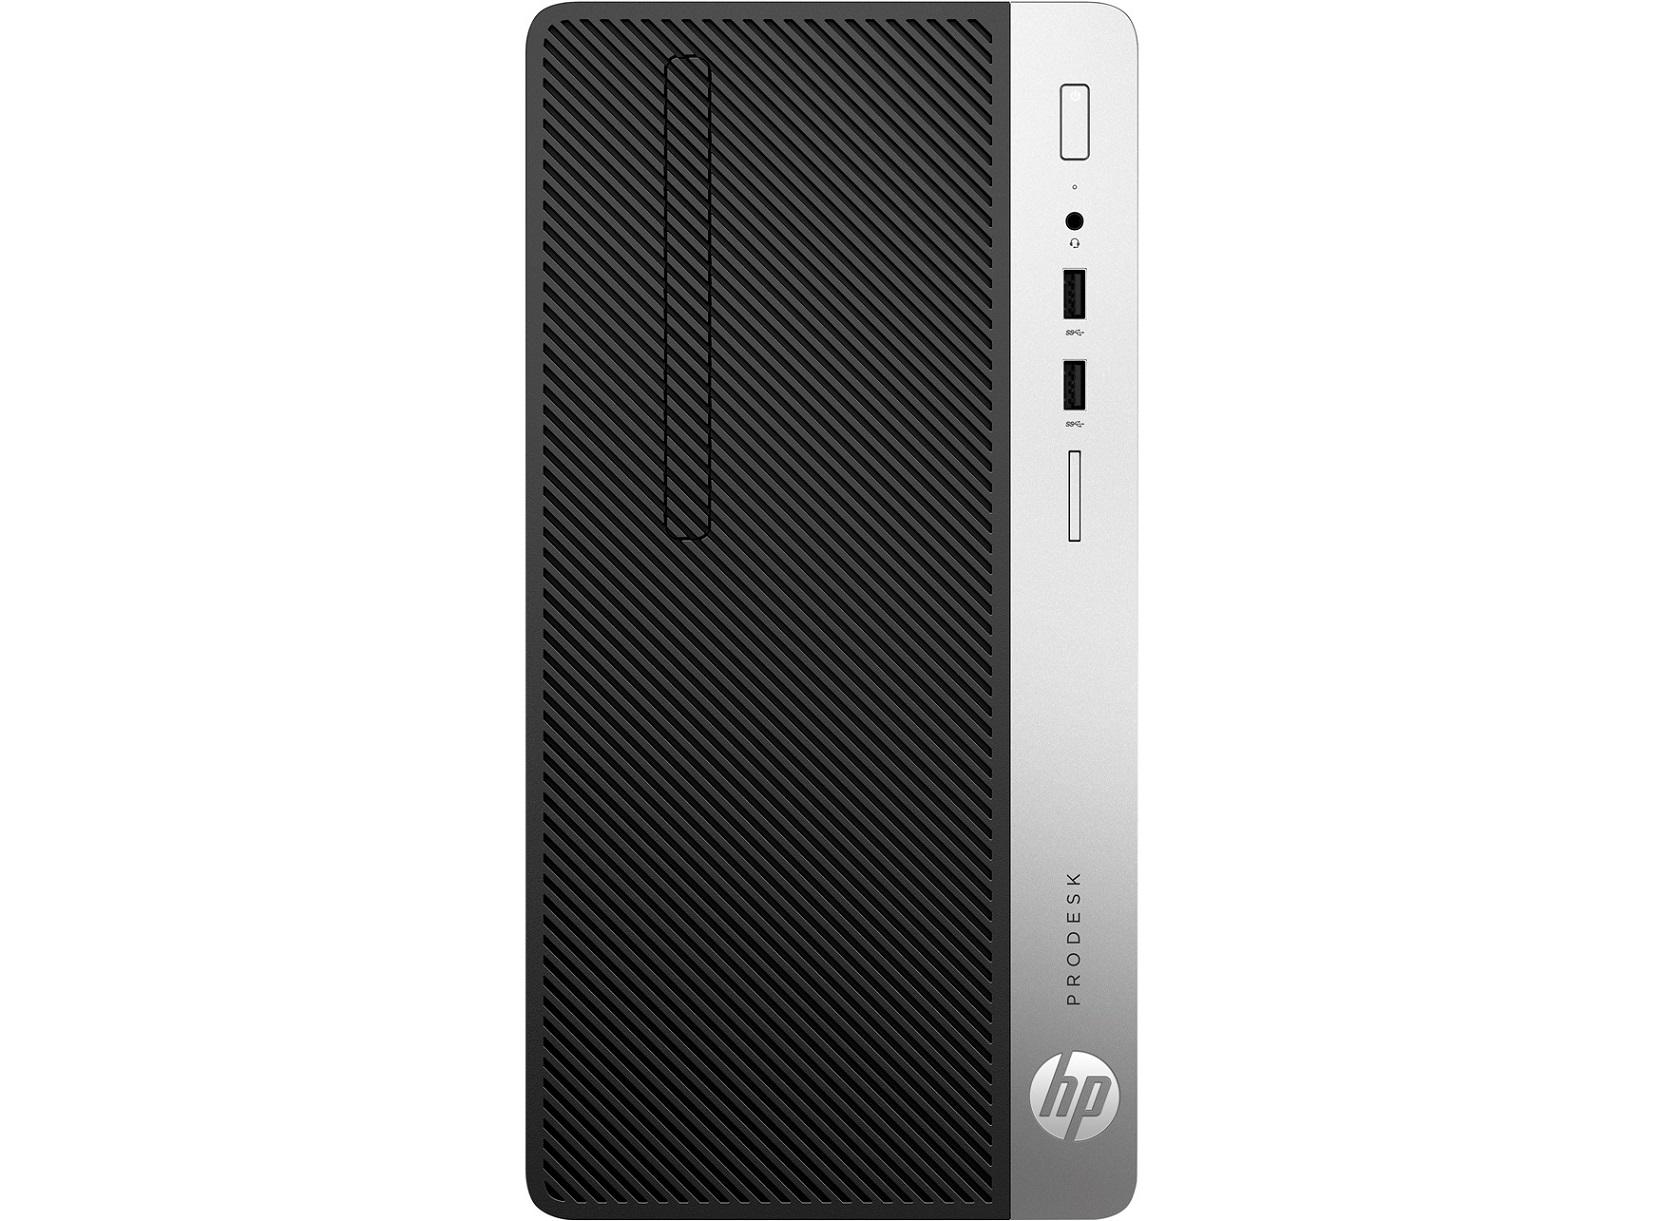 HP ProDesk 400G5 MT Intel i7-8700 / 8GB / 256GB SSD / Intel HD / DVD-RW/ W10 Pro